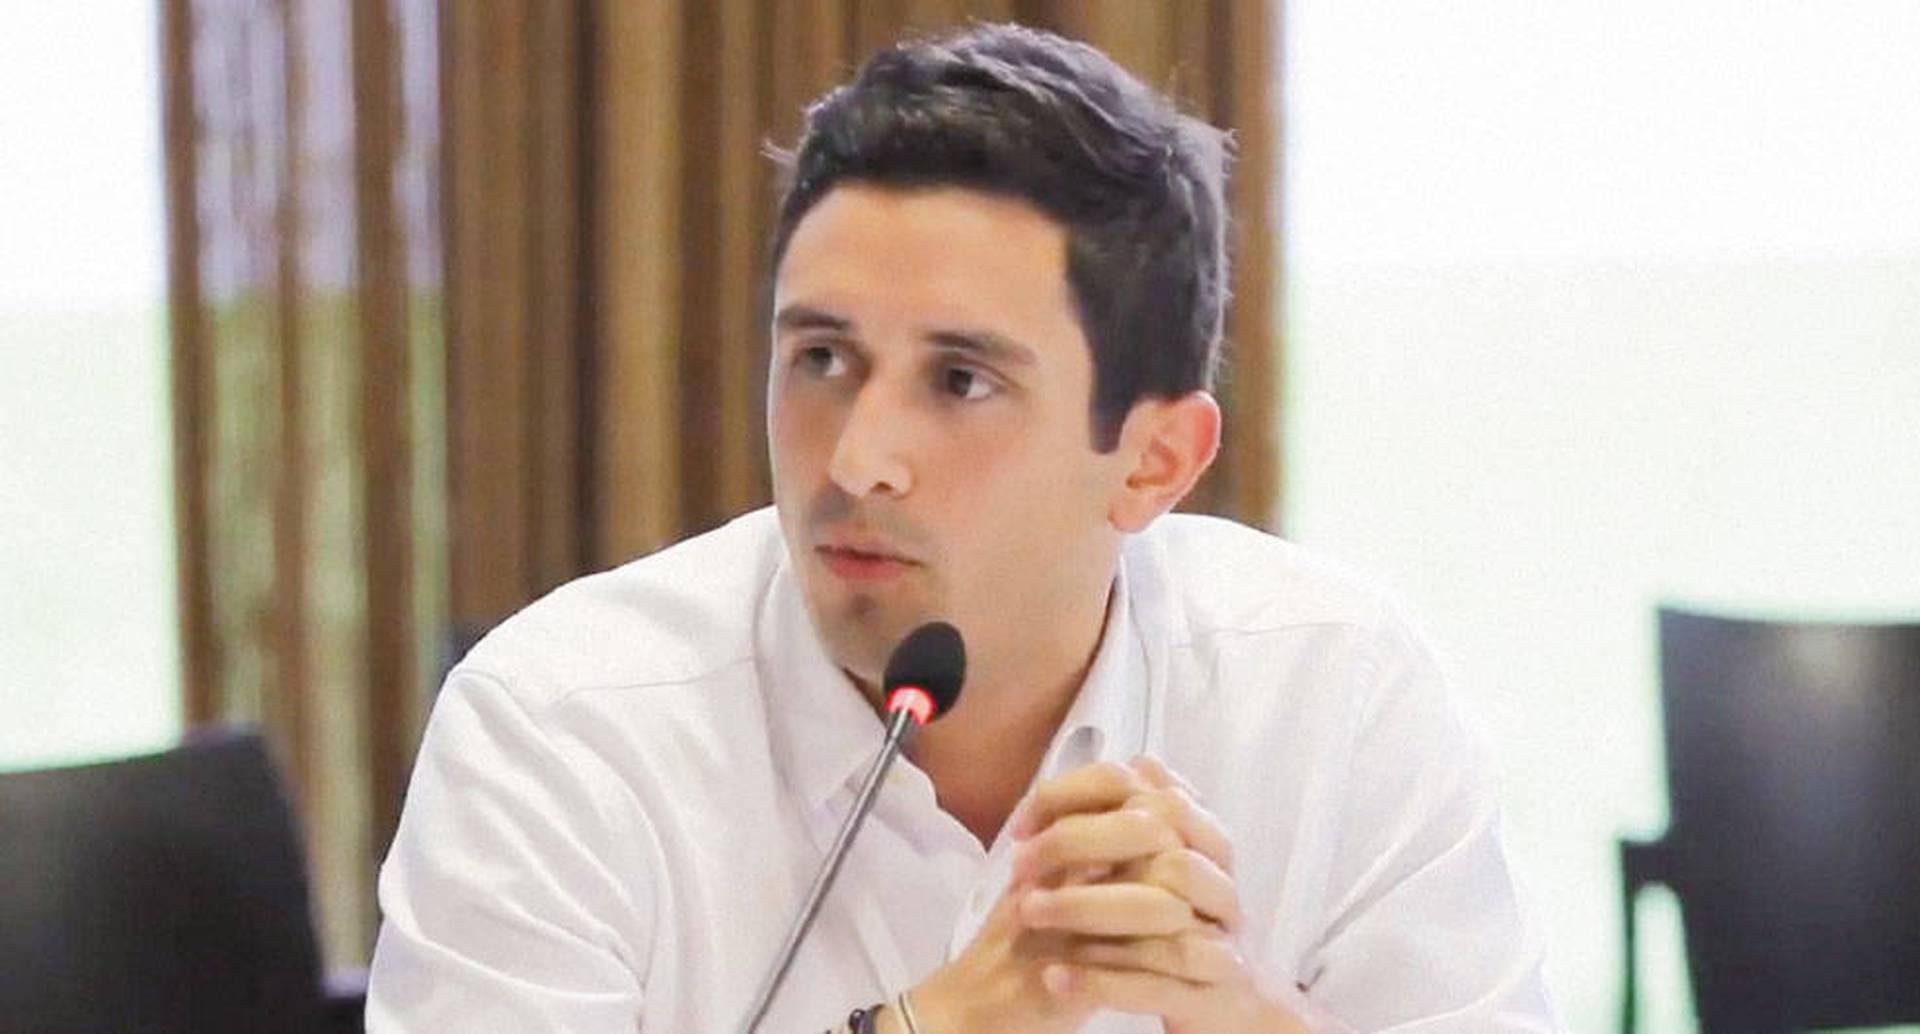 Jorge Rodrigo Tovar cumple los requisitos para el cargo, pero su nombramiento generó una indignación colectiva, lejana al mensaje de reconciliación que buscaba el Gobierno.